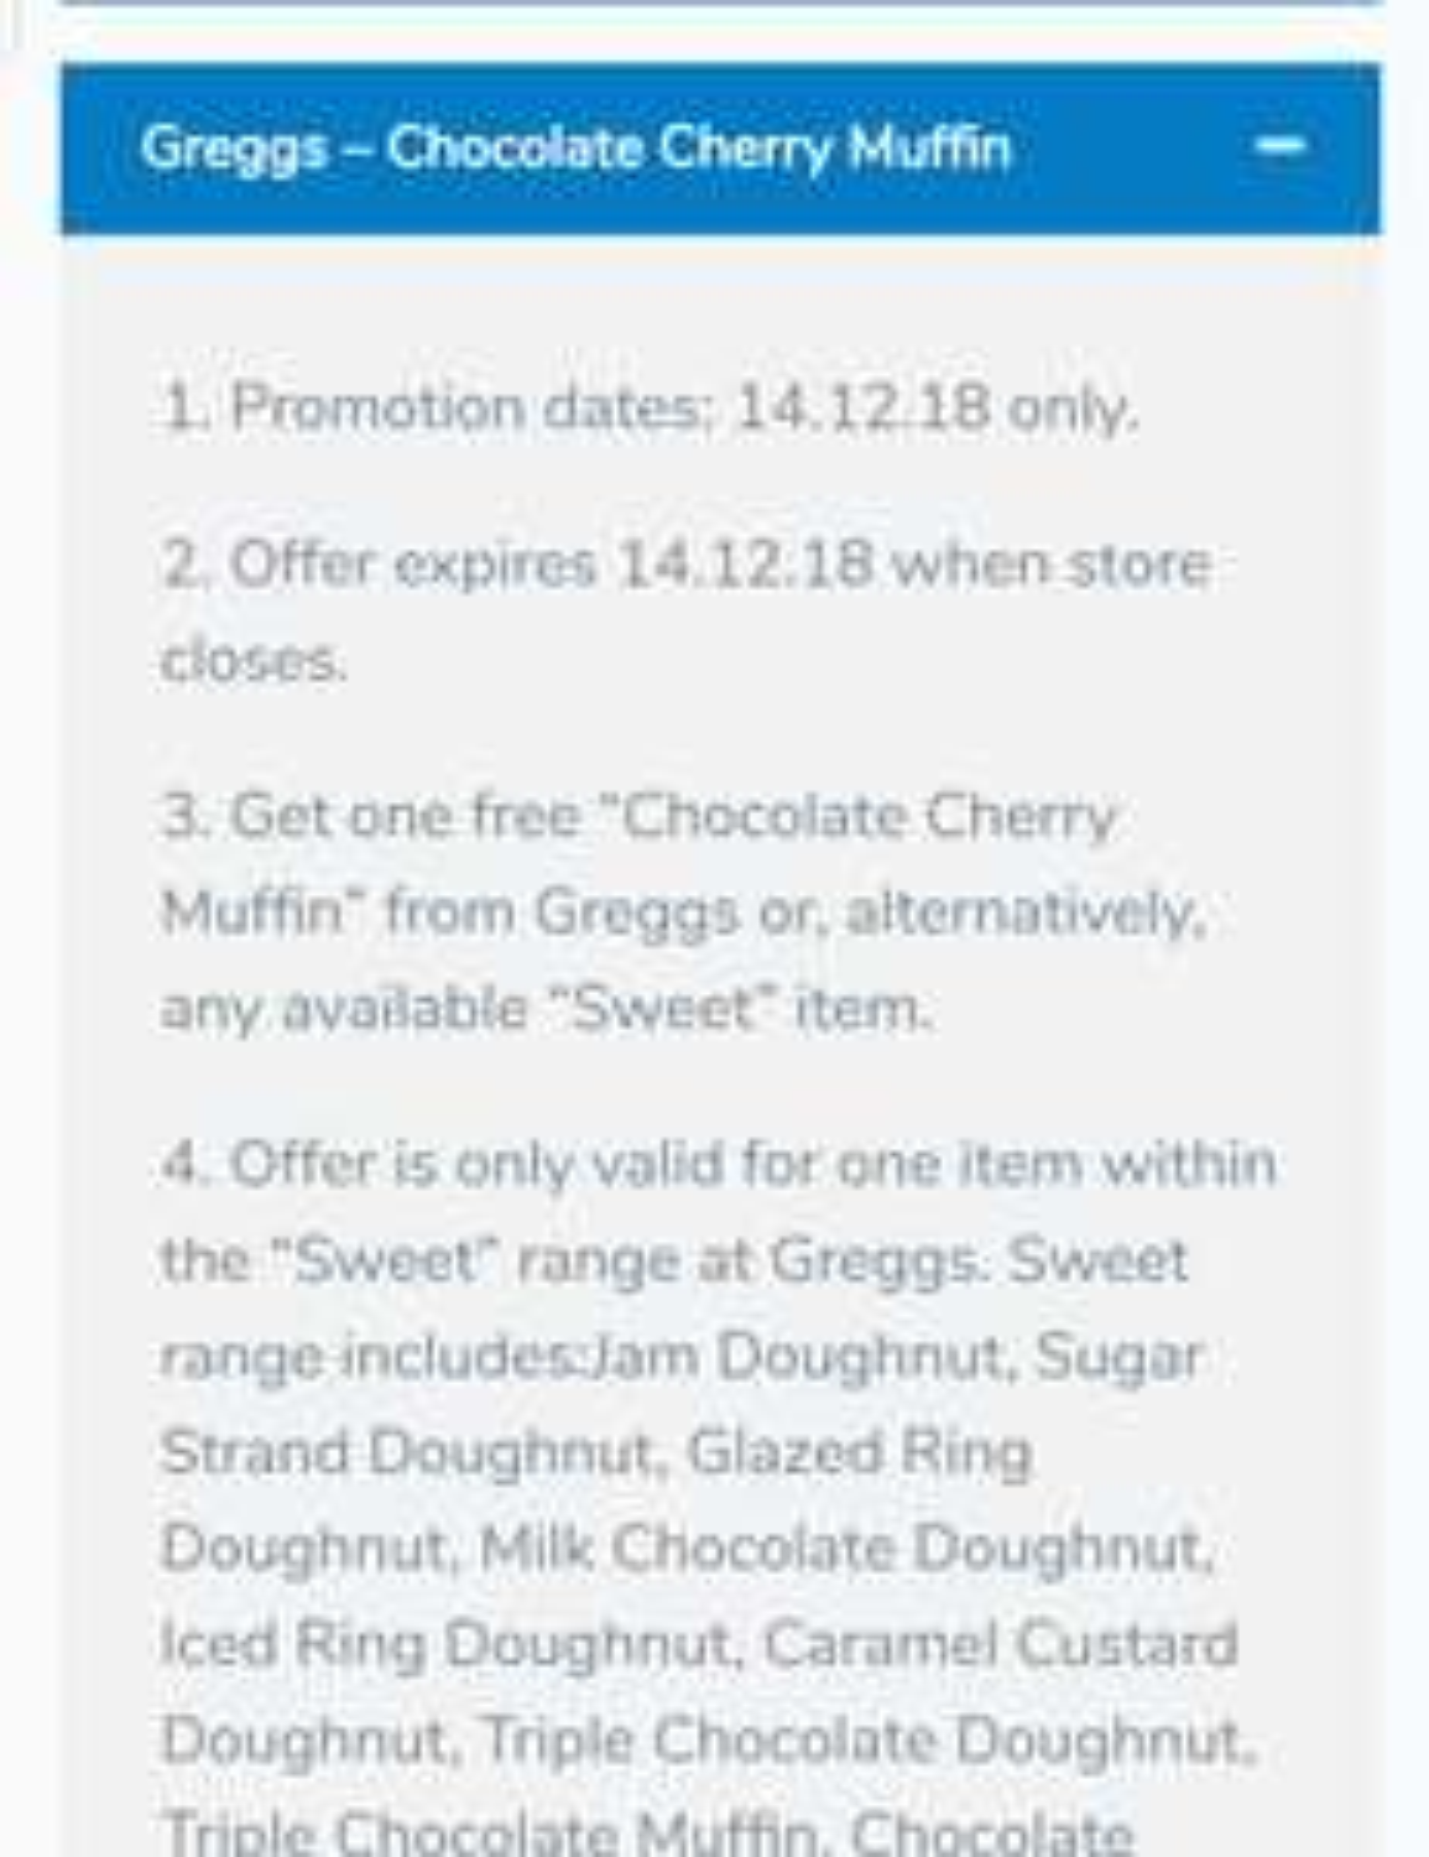 Free chocolate cherry muffin at Greggs via wuntu